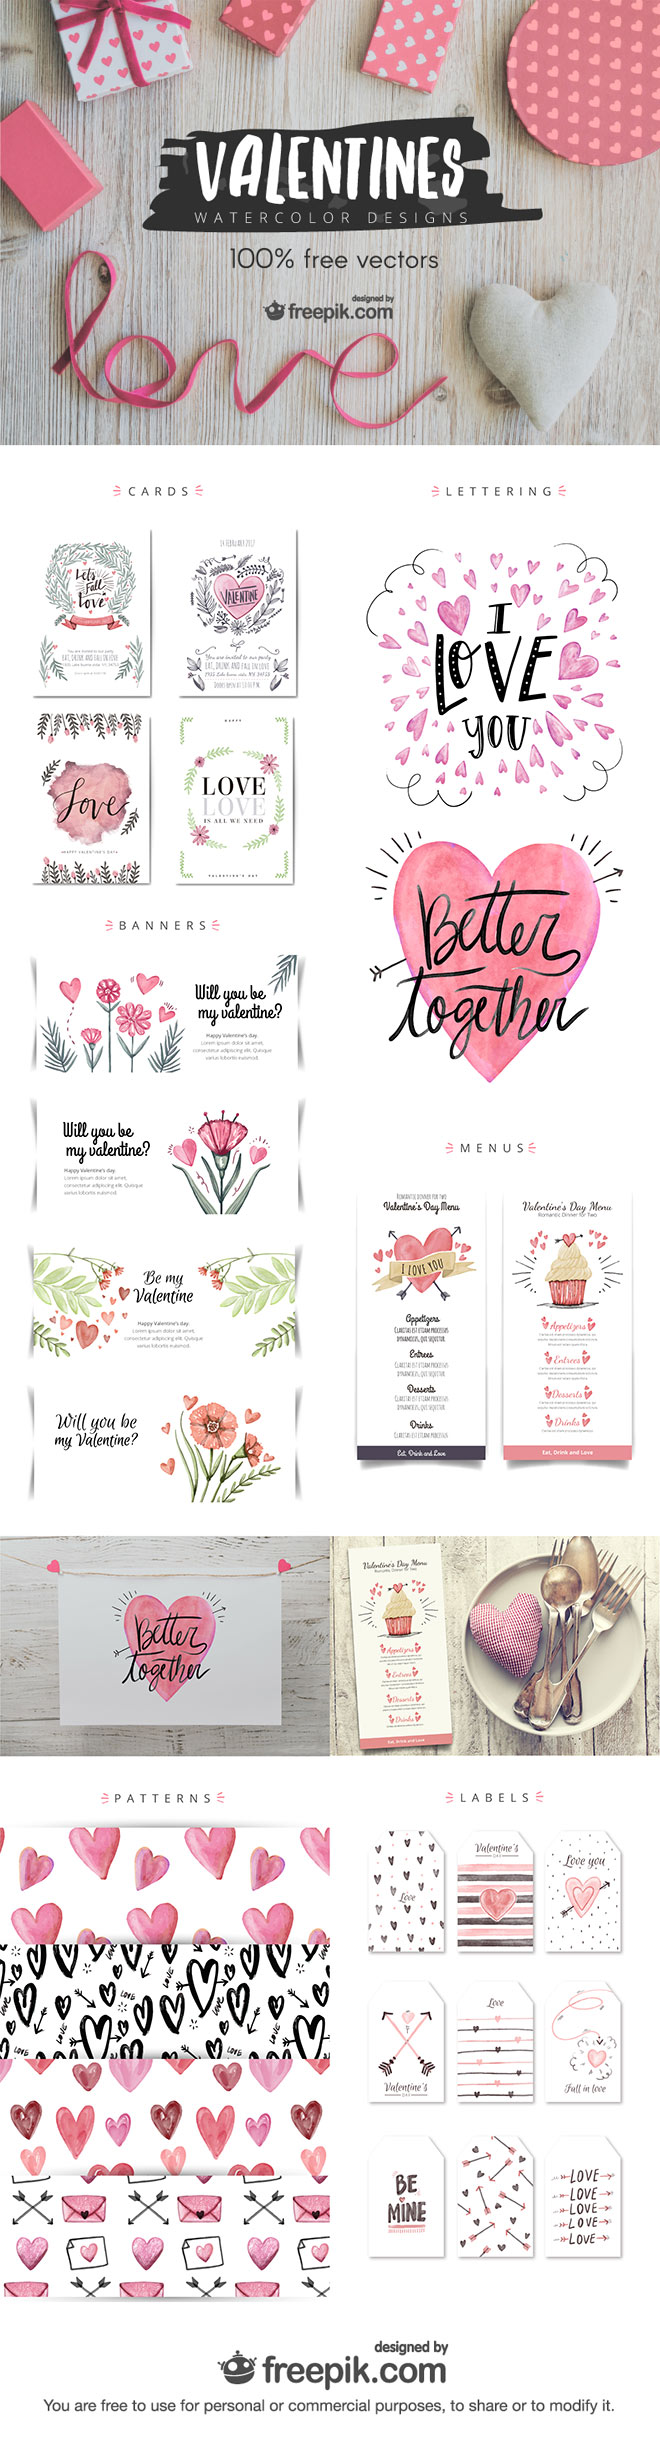 Valentines Watercolor Designs